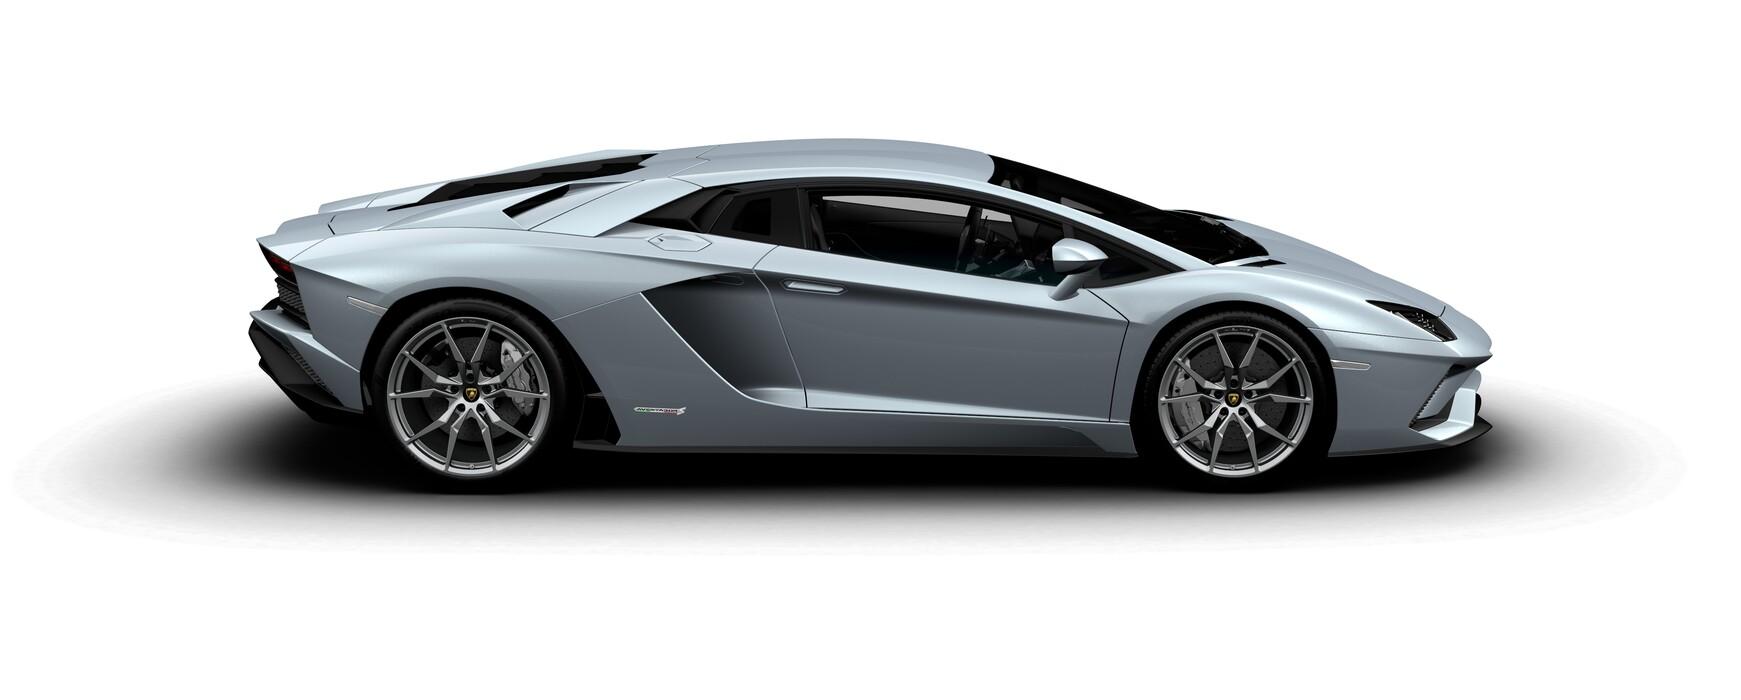 Lamborghini Aventador S Coupe metallic Azzurro Thetys side view